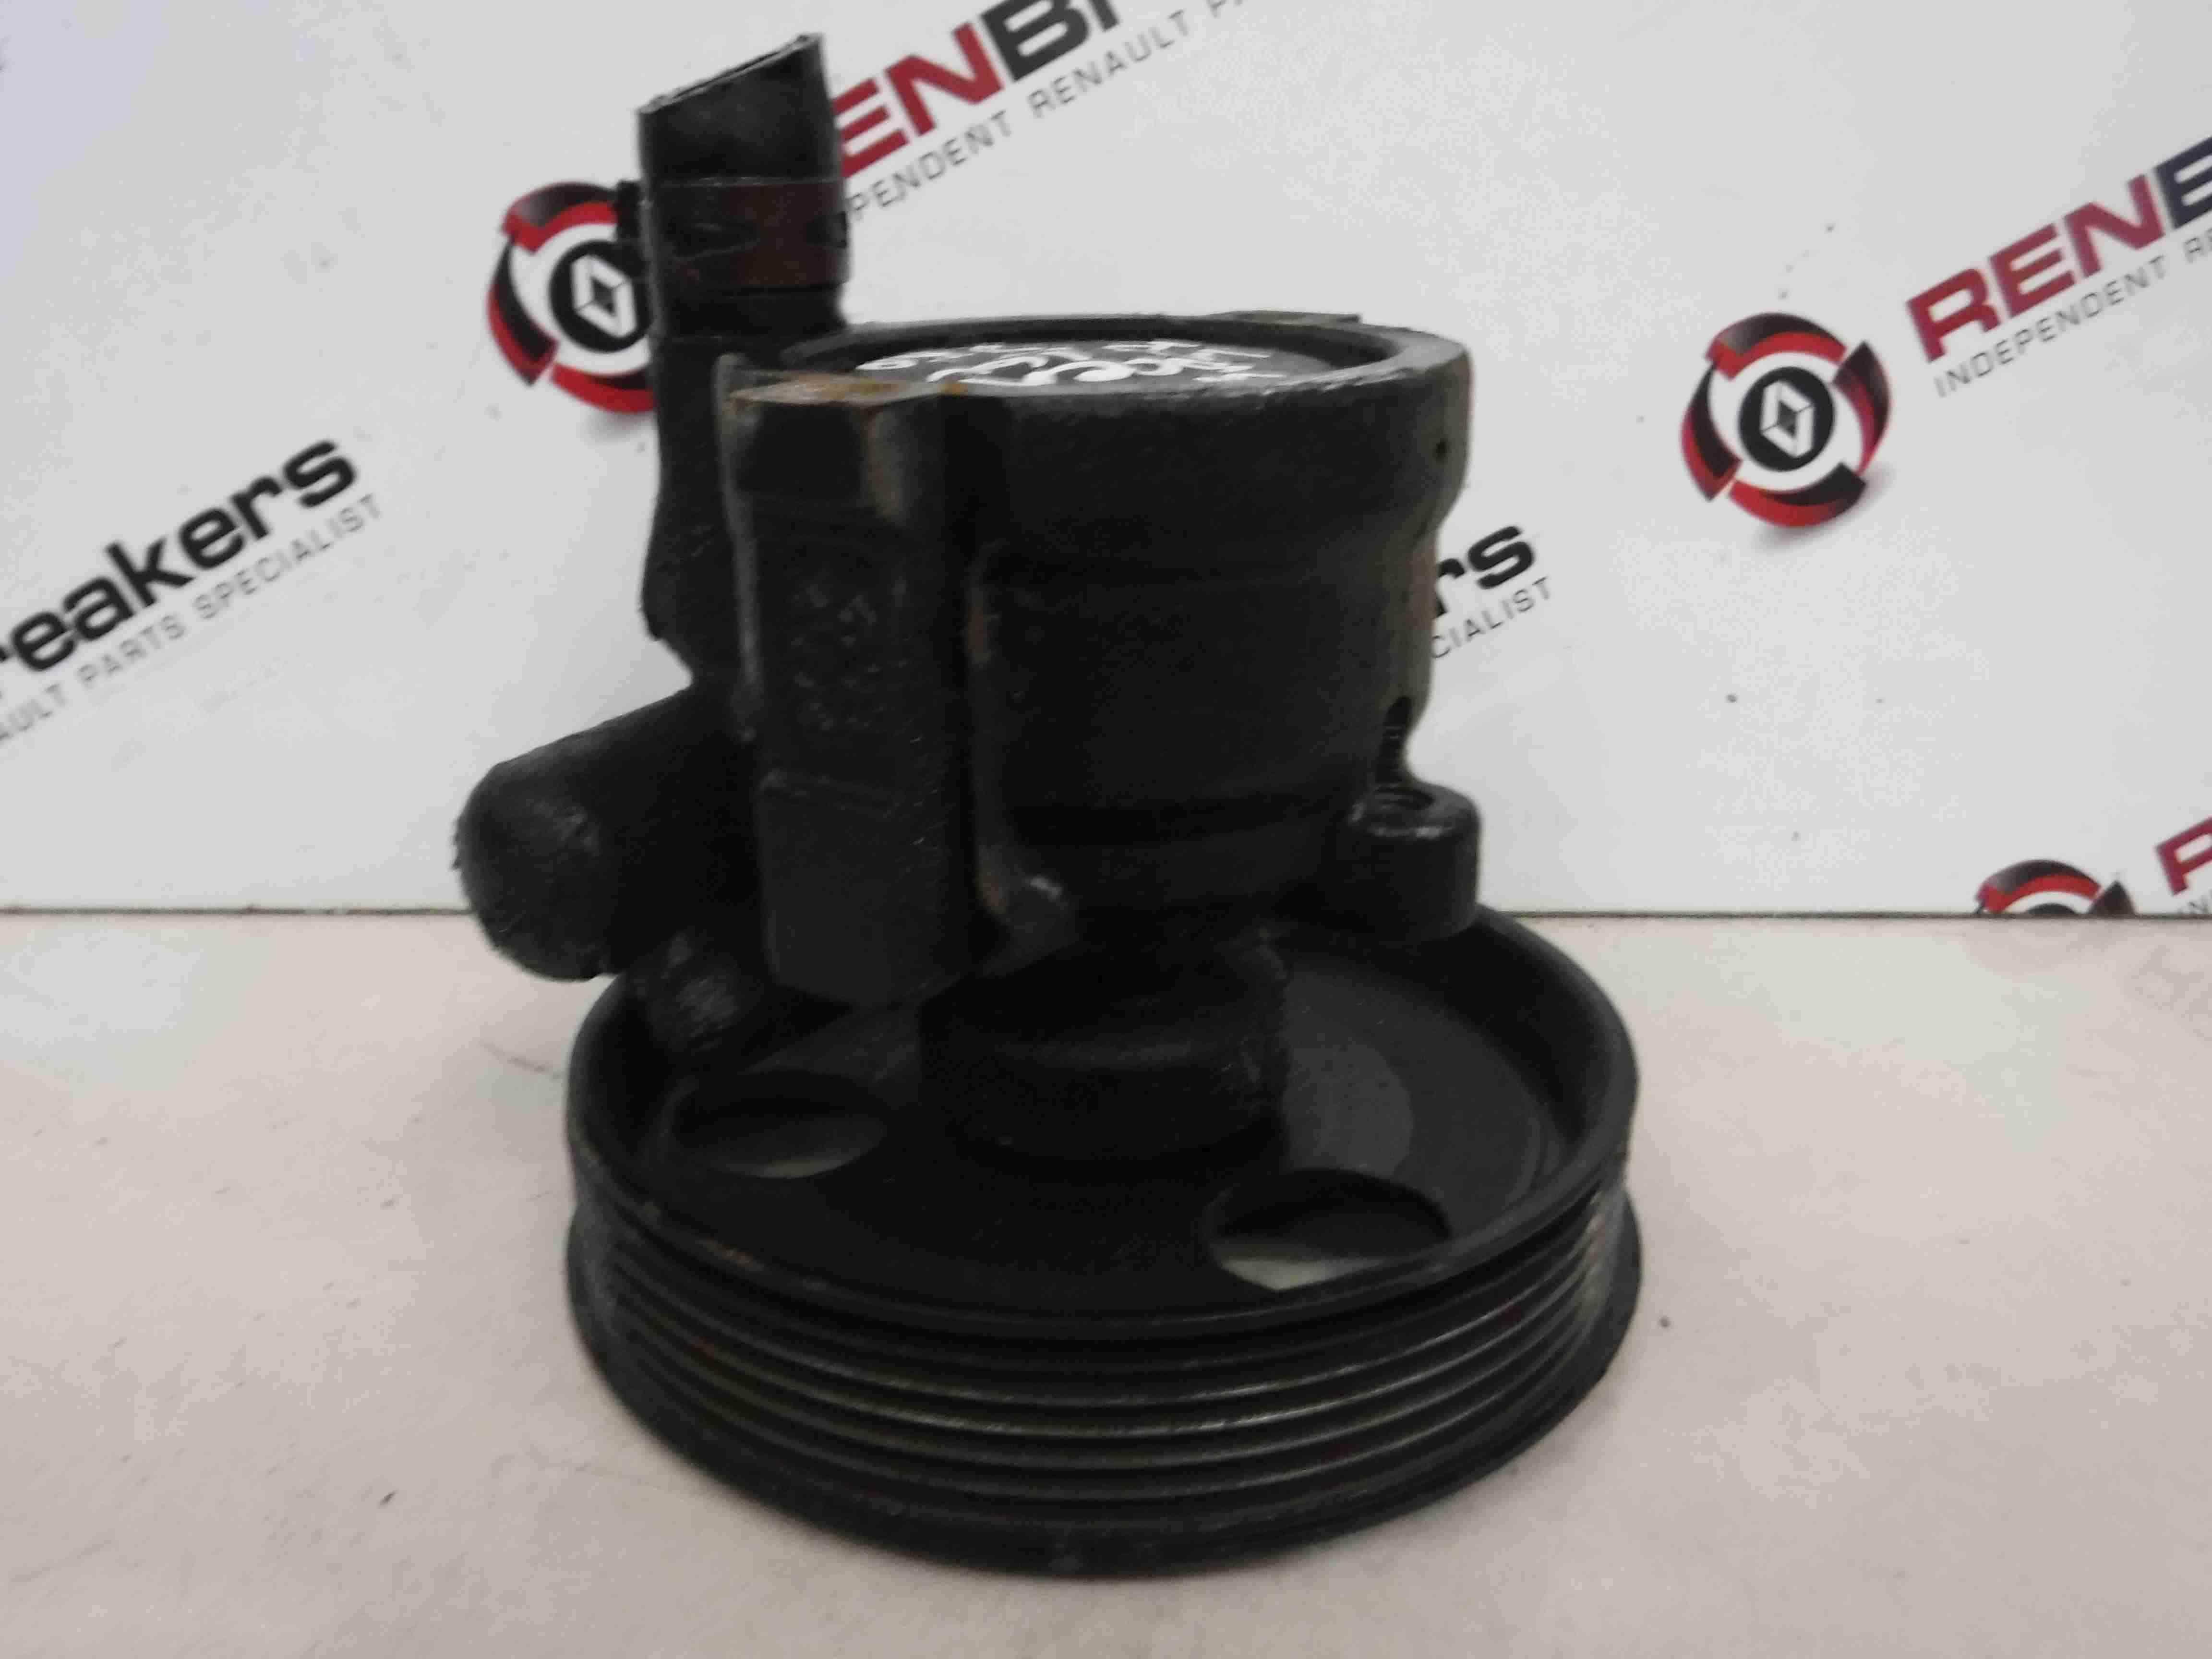 Renault Megane Scenic 1999-2003 1.4 16v K4J 750 Power Steering Pump 7700431286